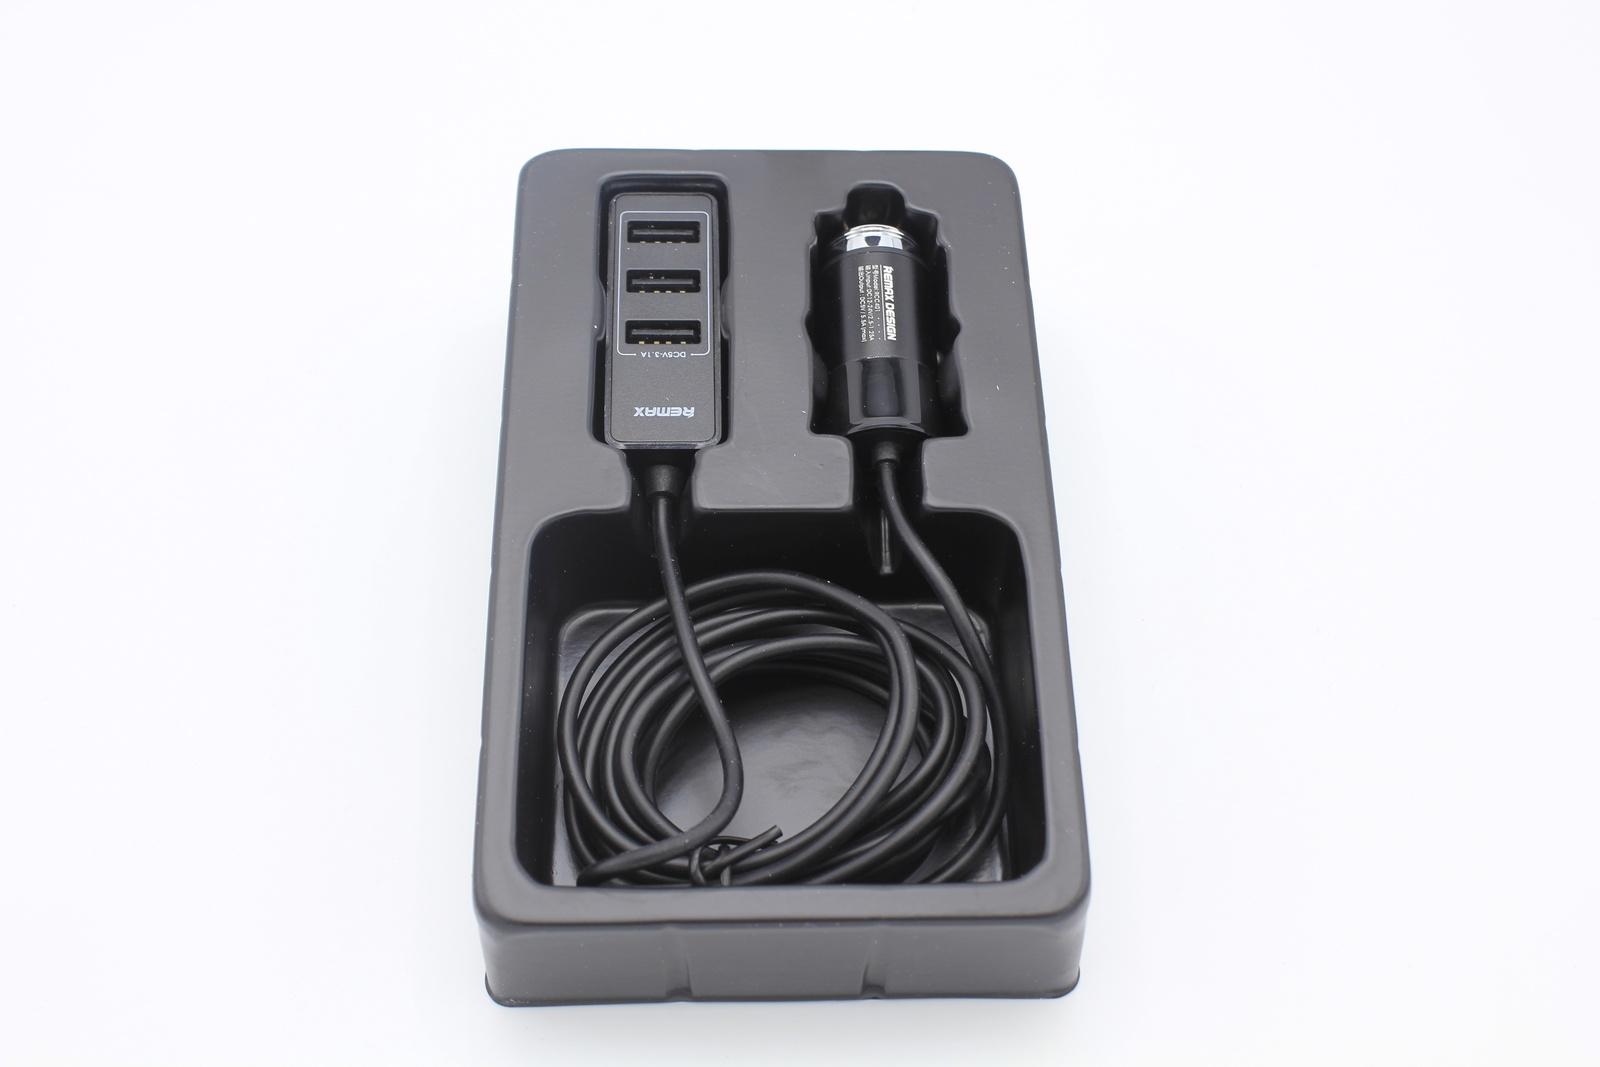 Автомобильное зарядное устройство Remax RCC401 4USB HUB черный зарядное устройство remax rcc304 aliens 3xusb 5v 4 2a black 71786